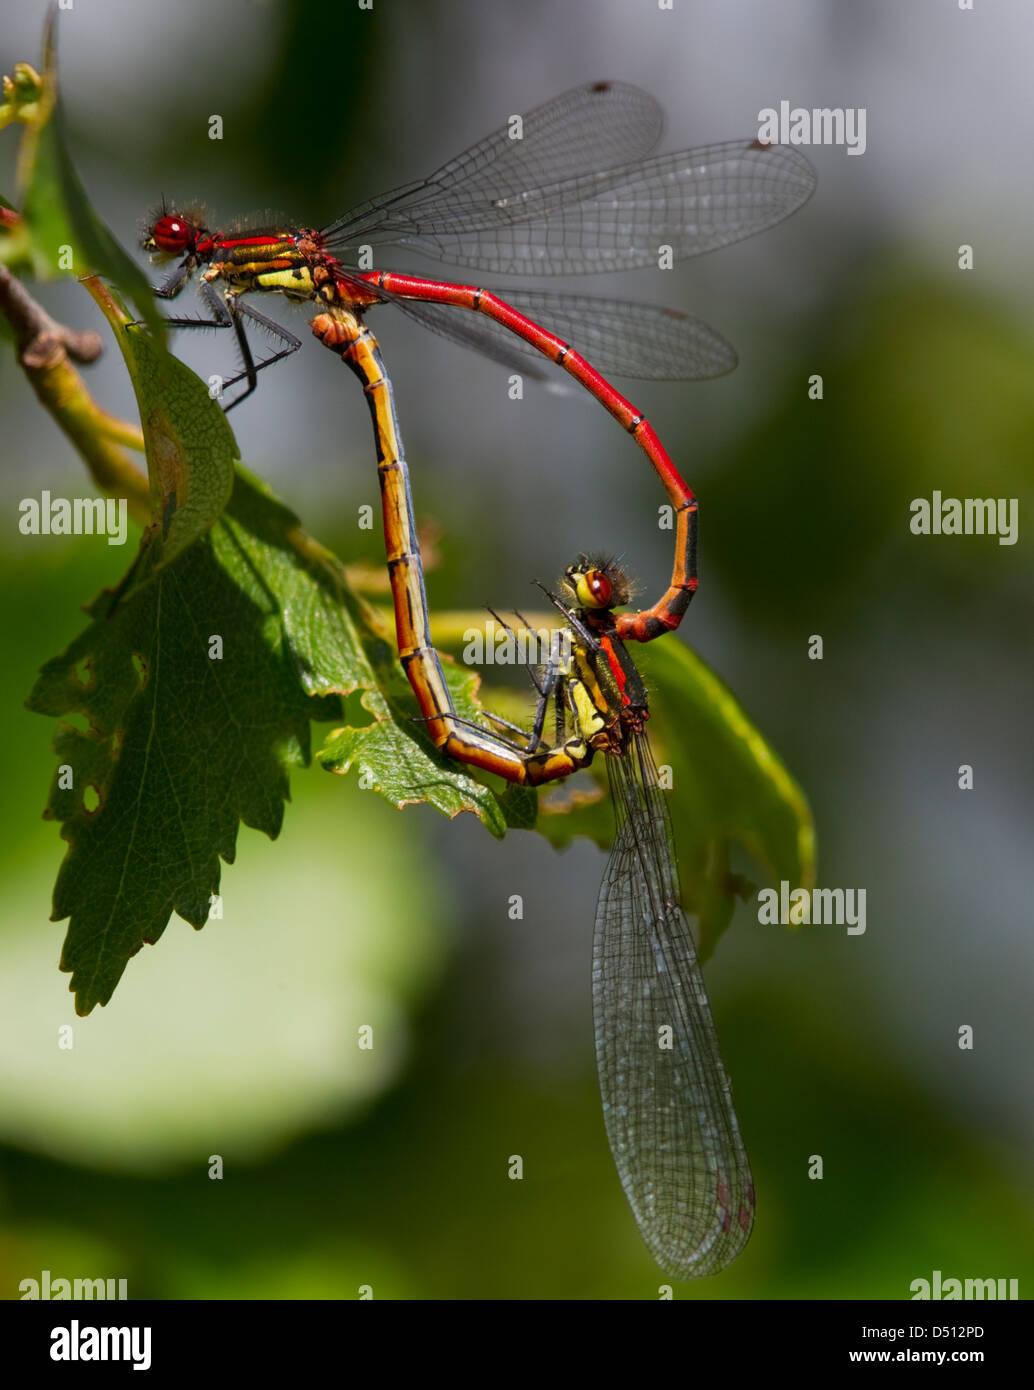 Pyrrhosoma Nymphula, große Red Damselfly Paarung bildet die Form eines Herzens ruht auf einem Blatt Stockbild